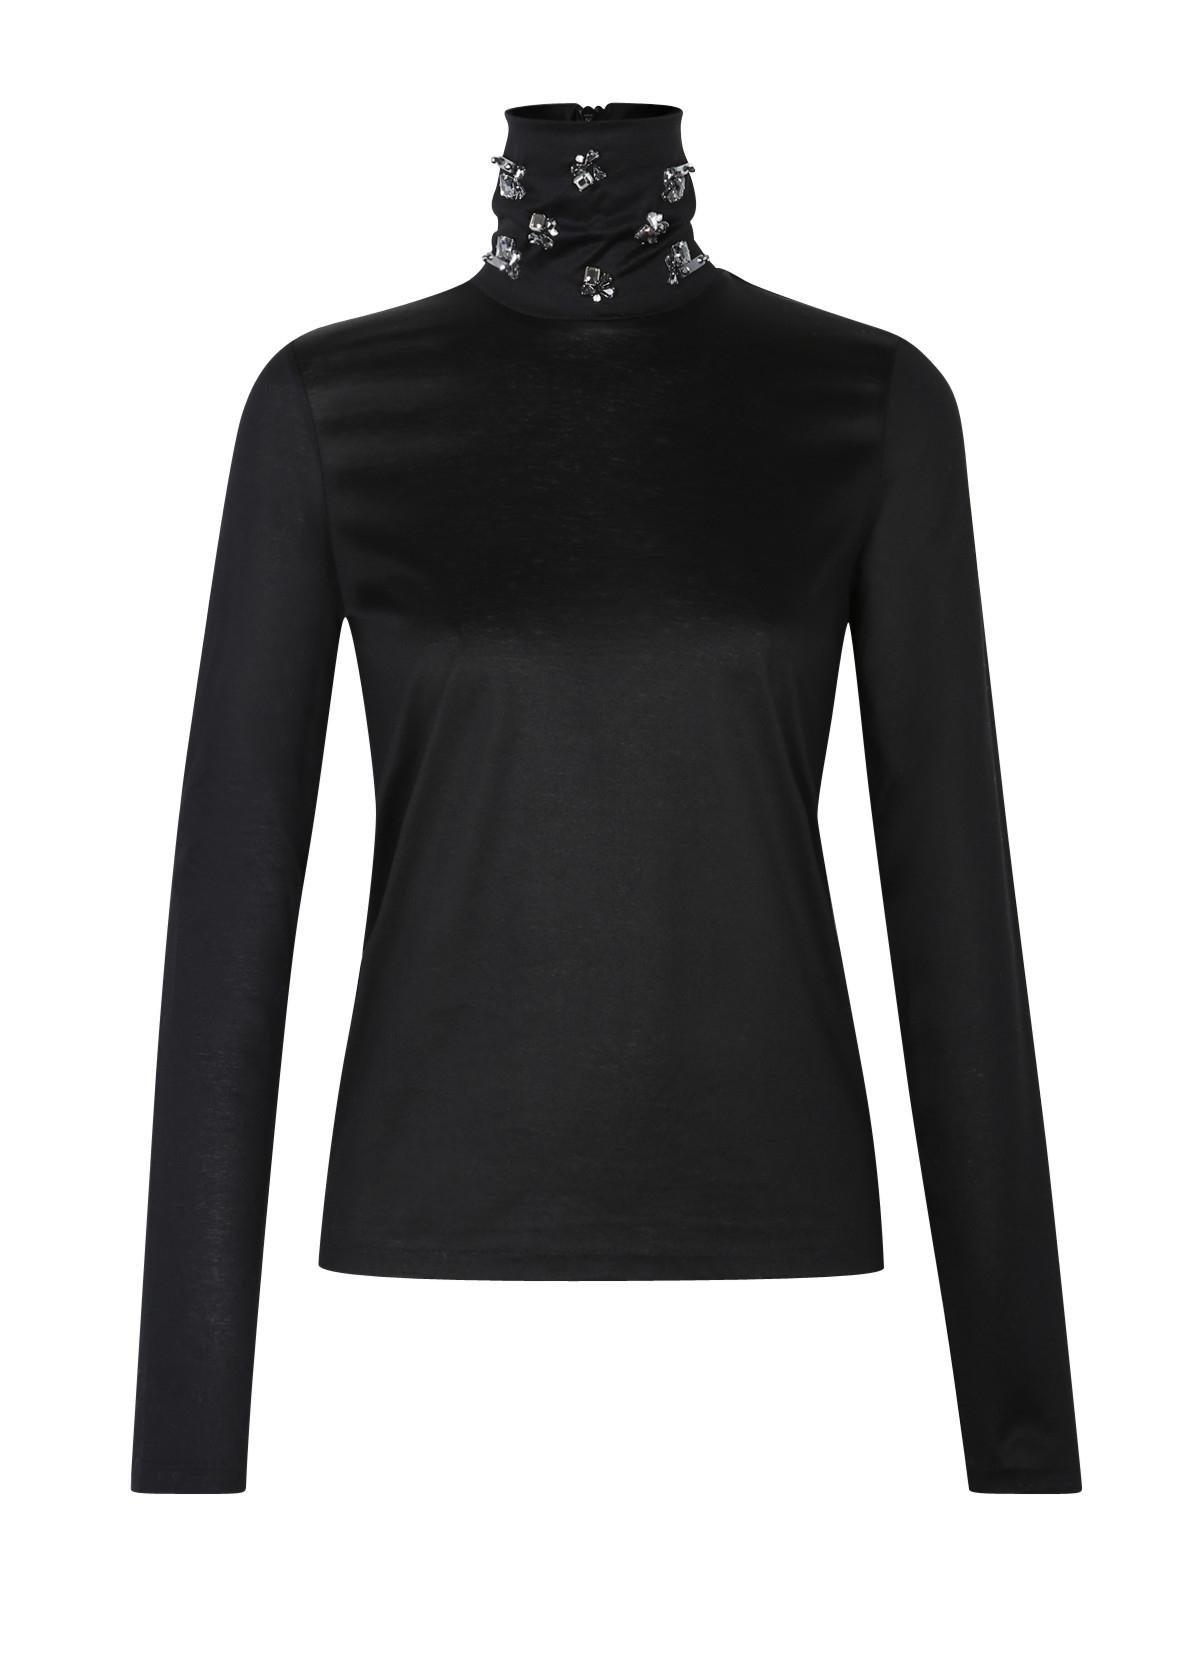 dorothee schumacher multiple visions shirt turtleneck 1 1 in black lyst. Black Bedroom Furniture Sets. Home Design Ideas